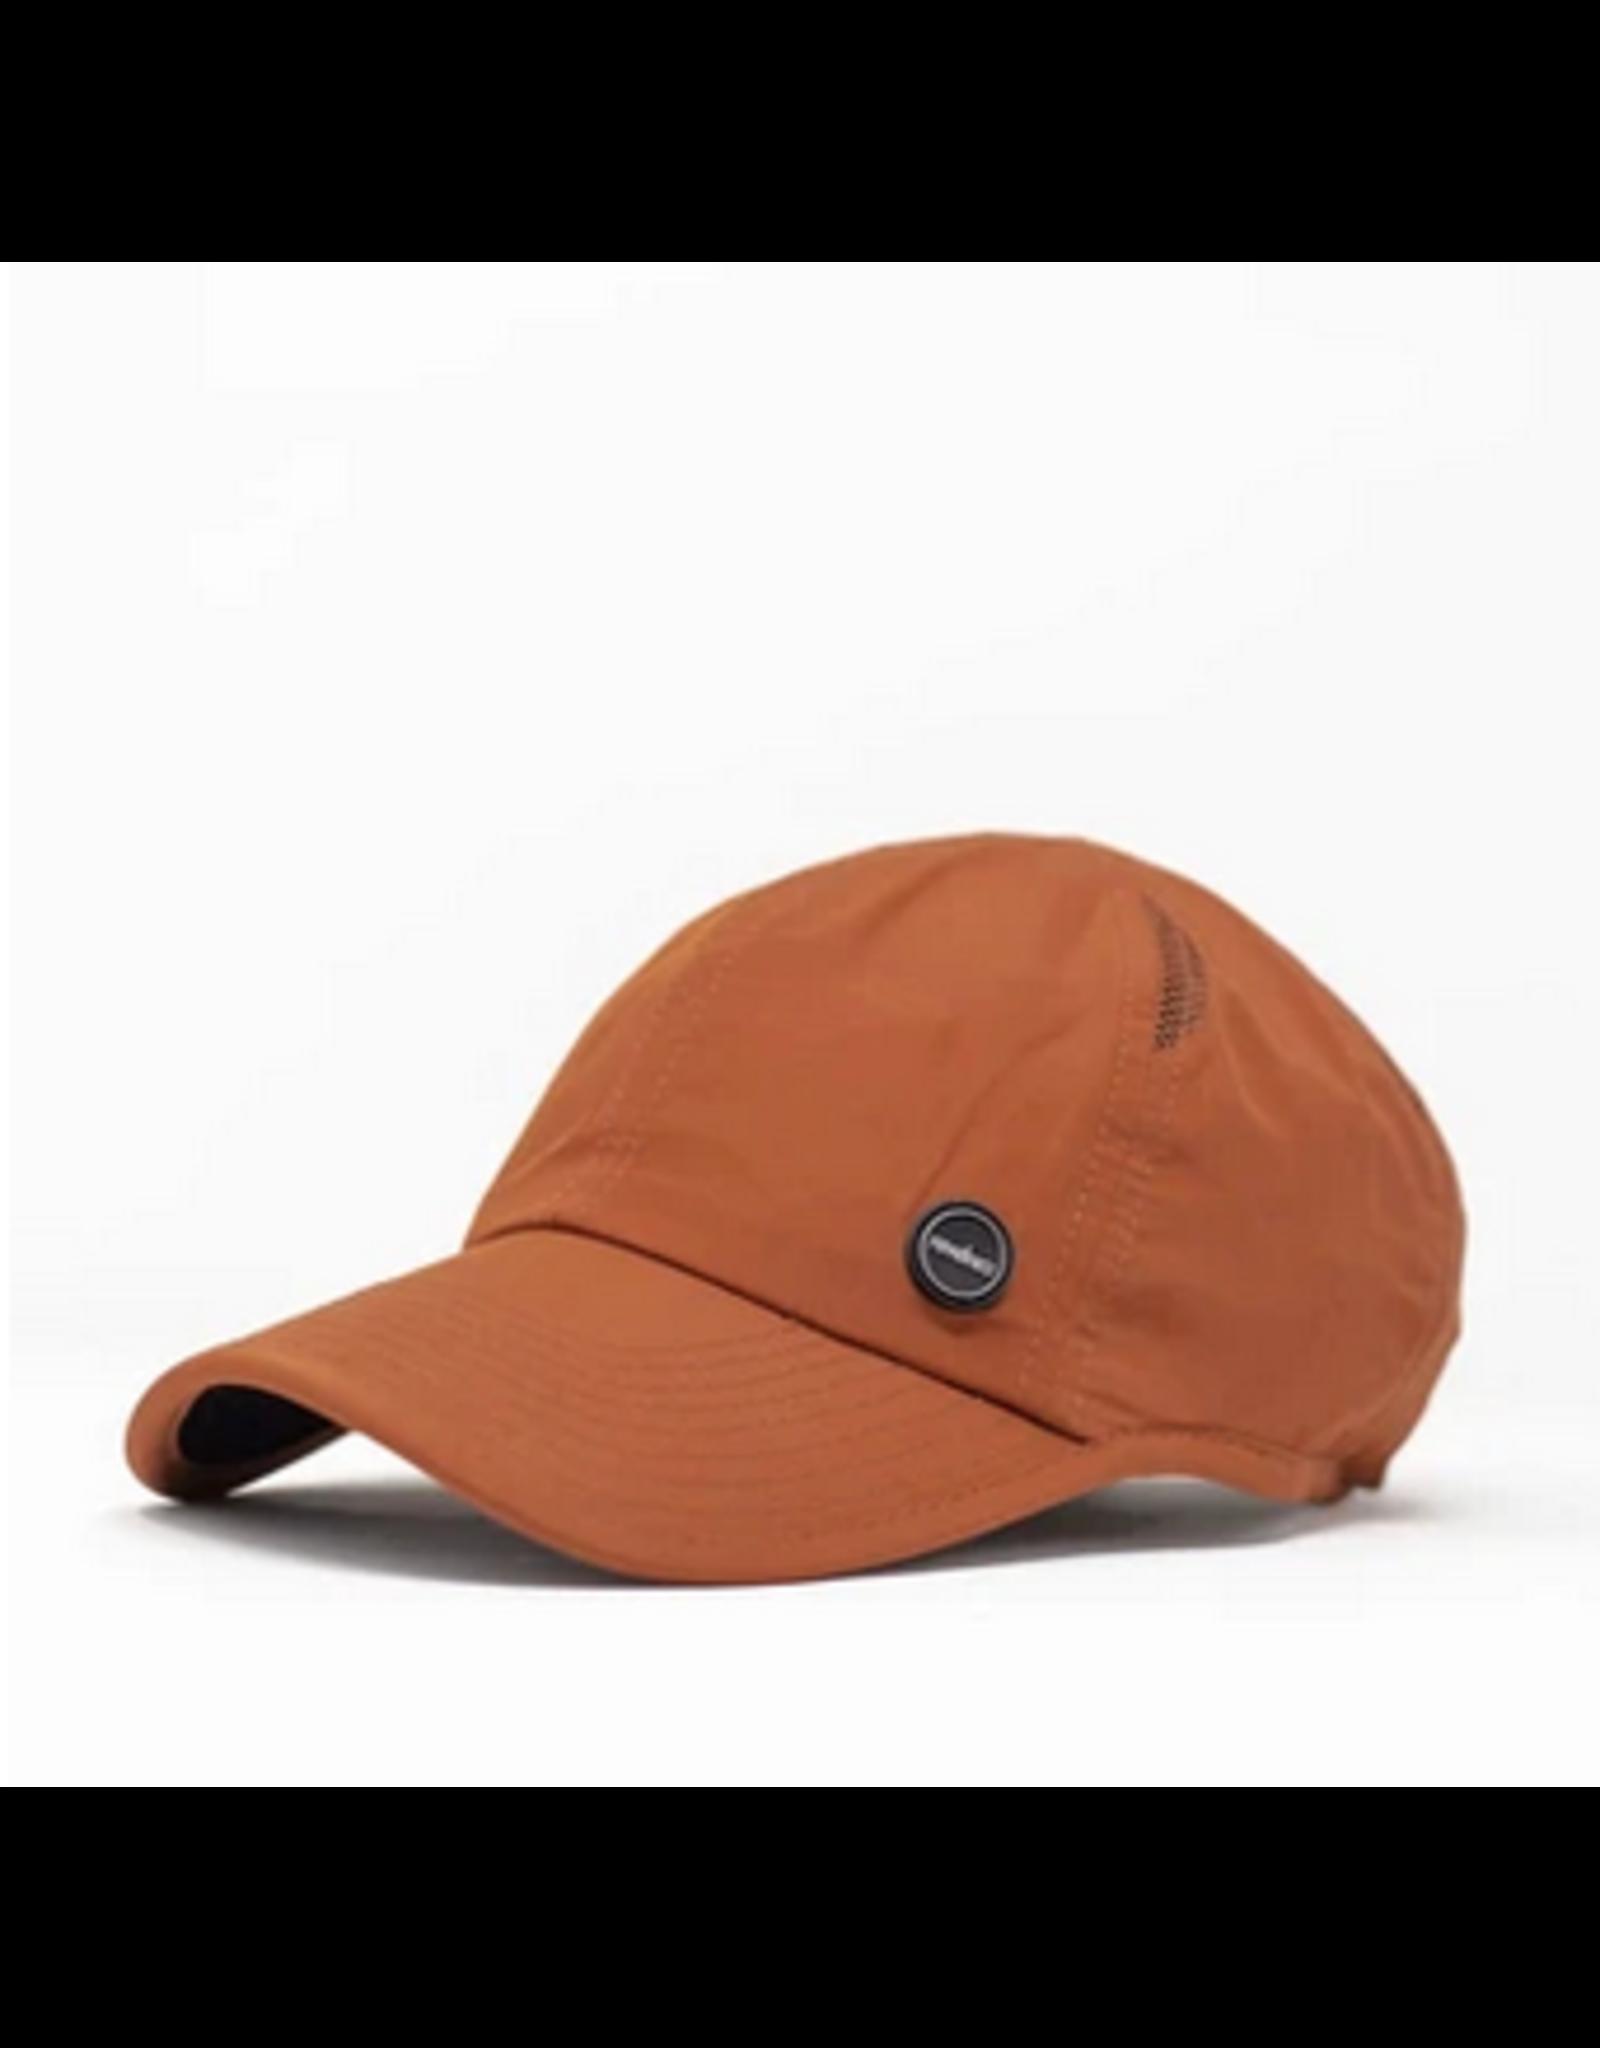 REVELREA CLAY HAT